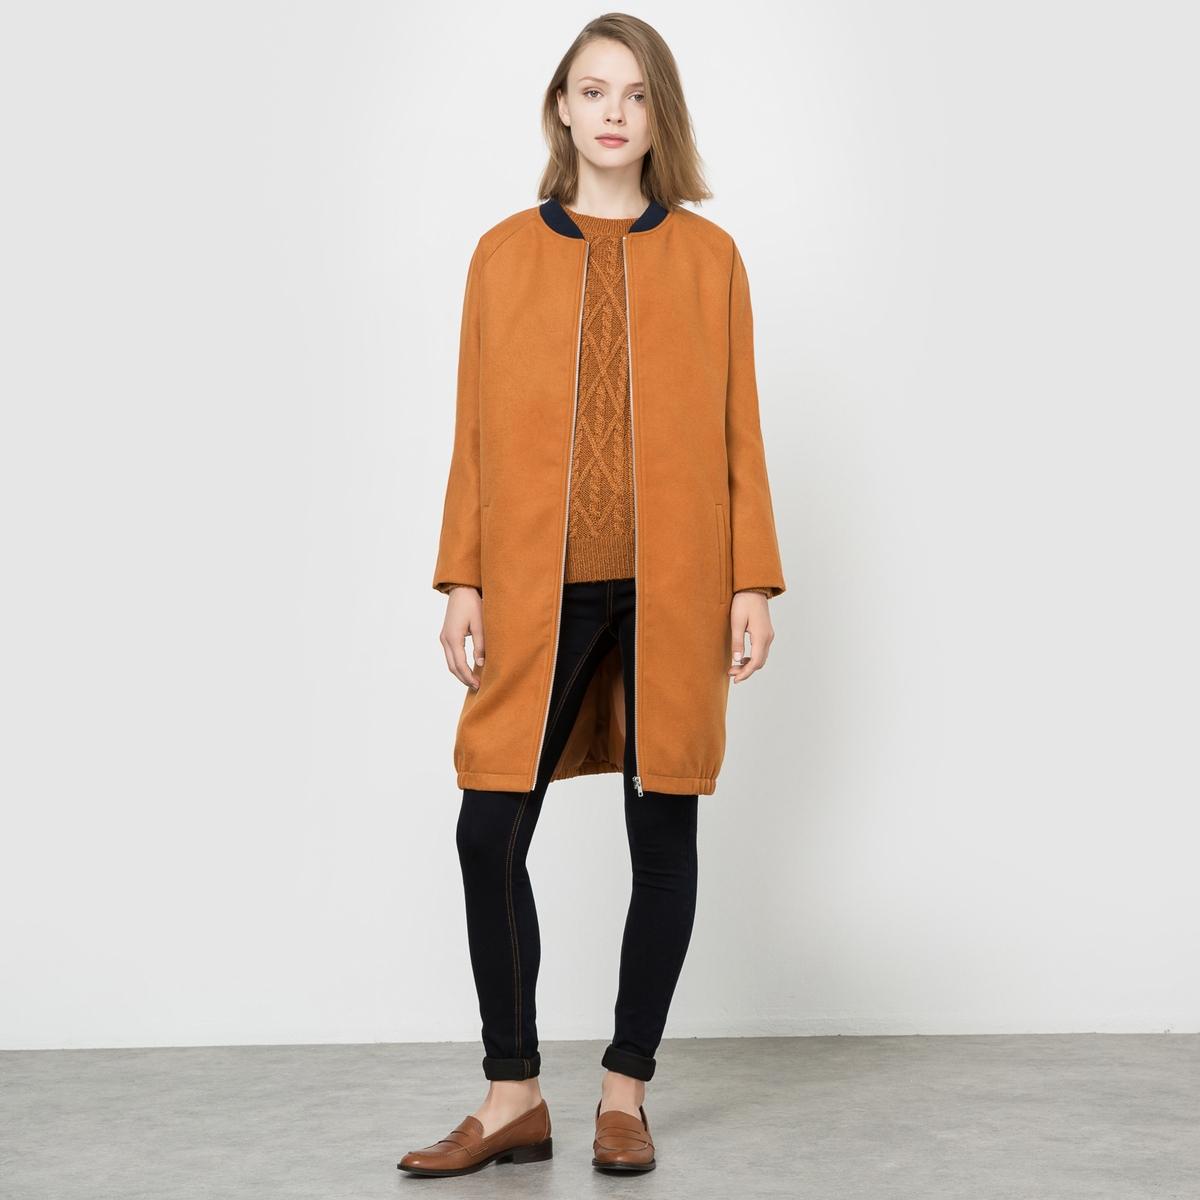 Пальто длинное в стиле бомберСостав и описаниеМатериал : 88% полиэстера, 10% вискозы, 2% эластана - Подкладка 100% полиэстераДлина : 115 смМарка : R Edition.УходСухая чистка / Стирка при 30°C / Стирать с одеждой подобного цвета<br><br>Цвет: карамель,темно-синий<br>Размер: 44 (FR) - 50 (RUS)